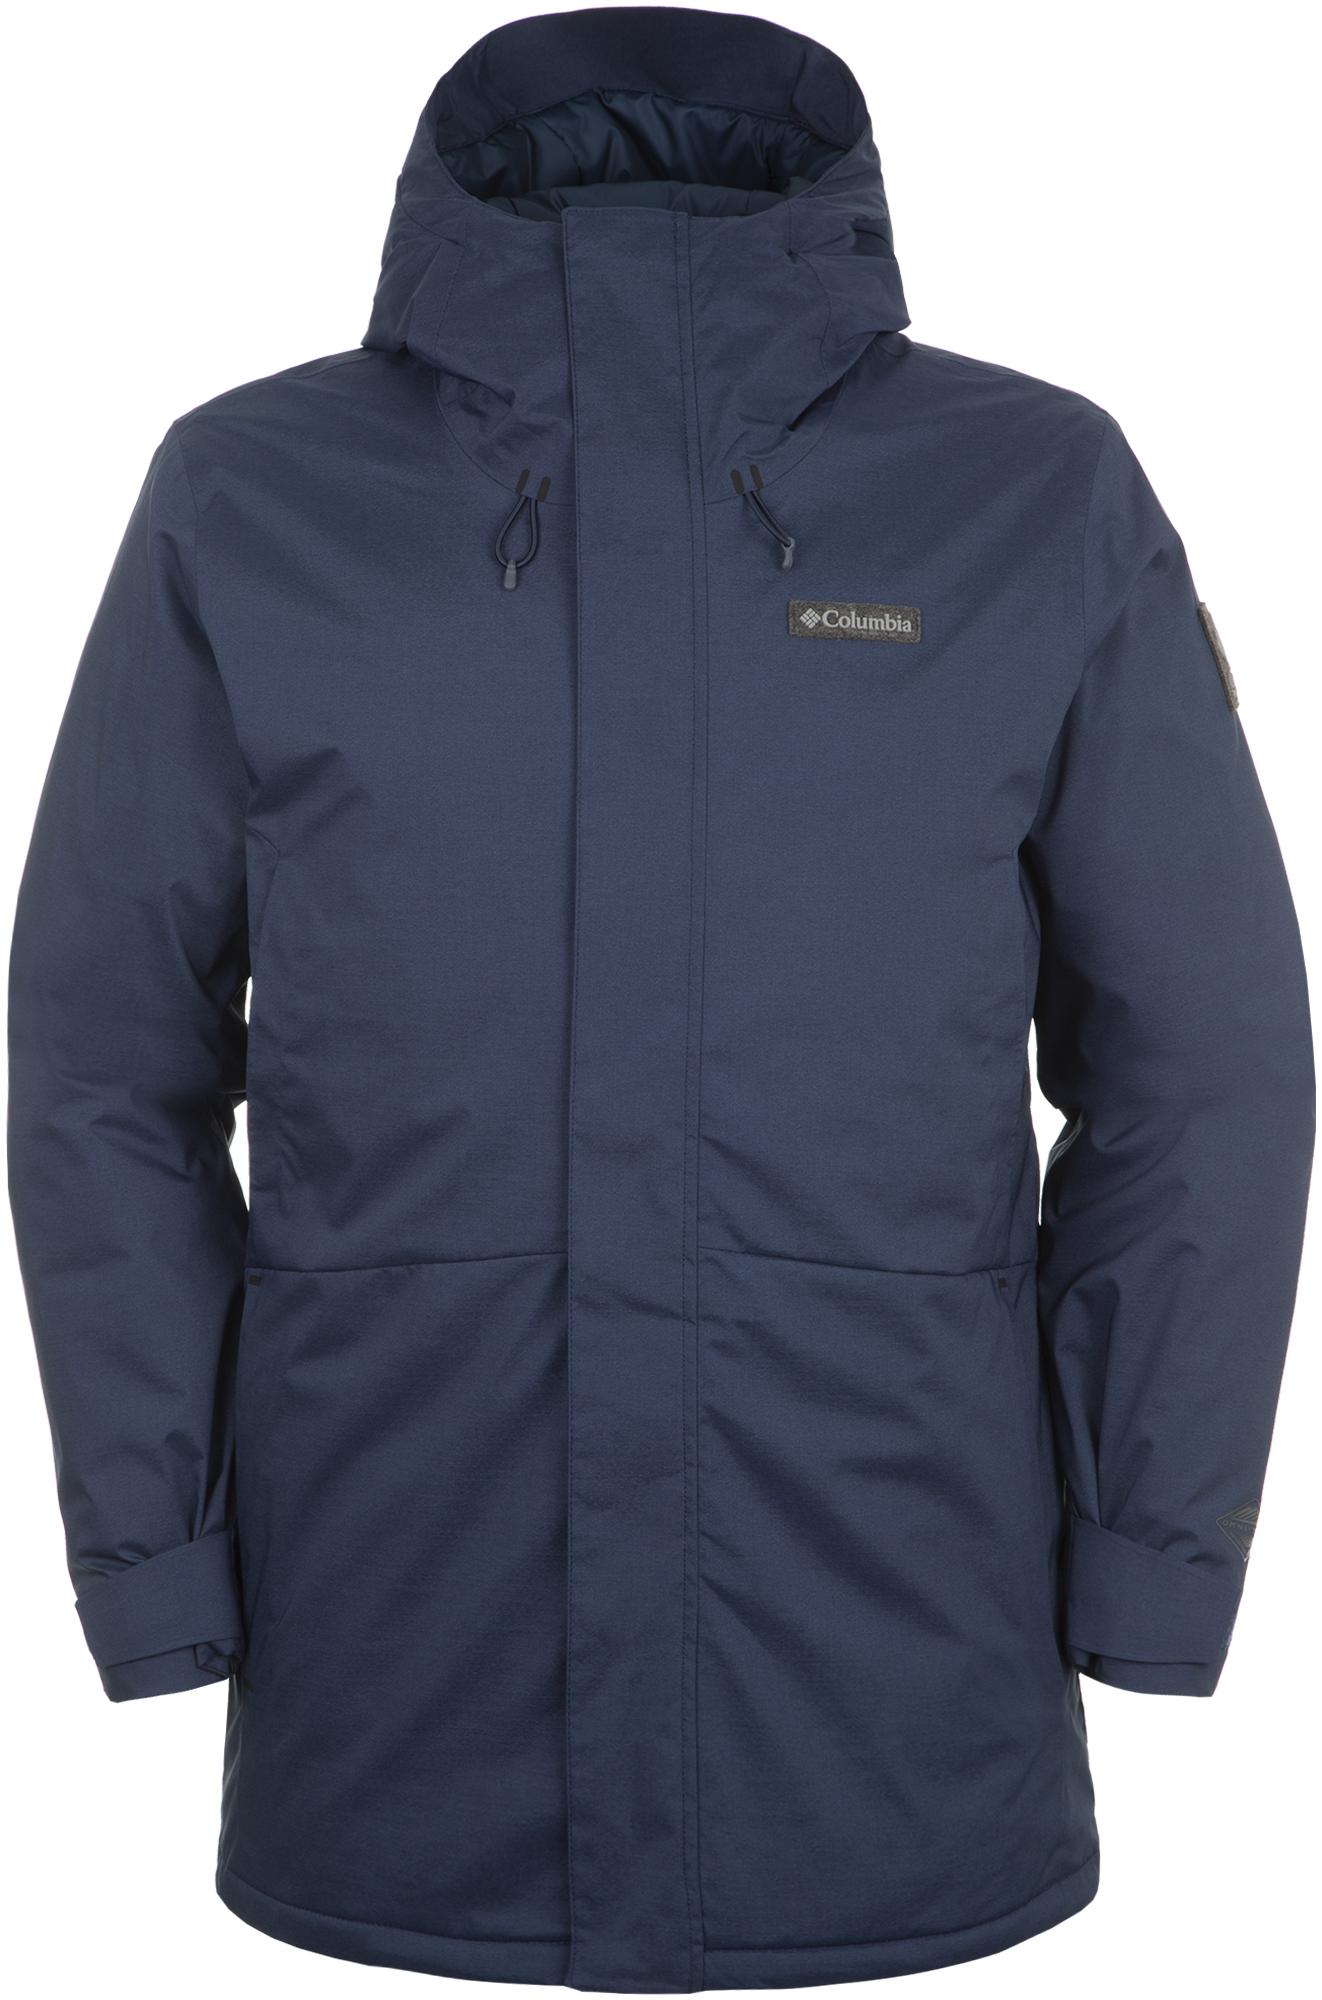 Columbia Куртка пуховая мужская Columbia Northbounder, размер 48-50 columbia куртка 3 в 1 мужская columbia whirlibird размер 48 50